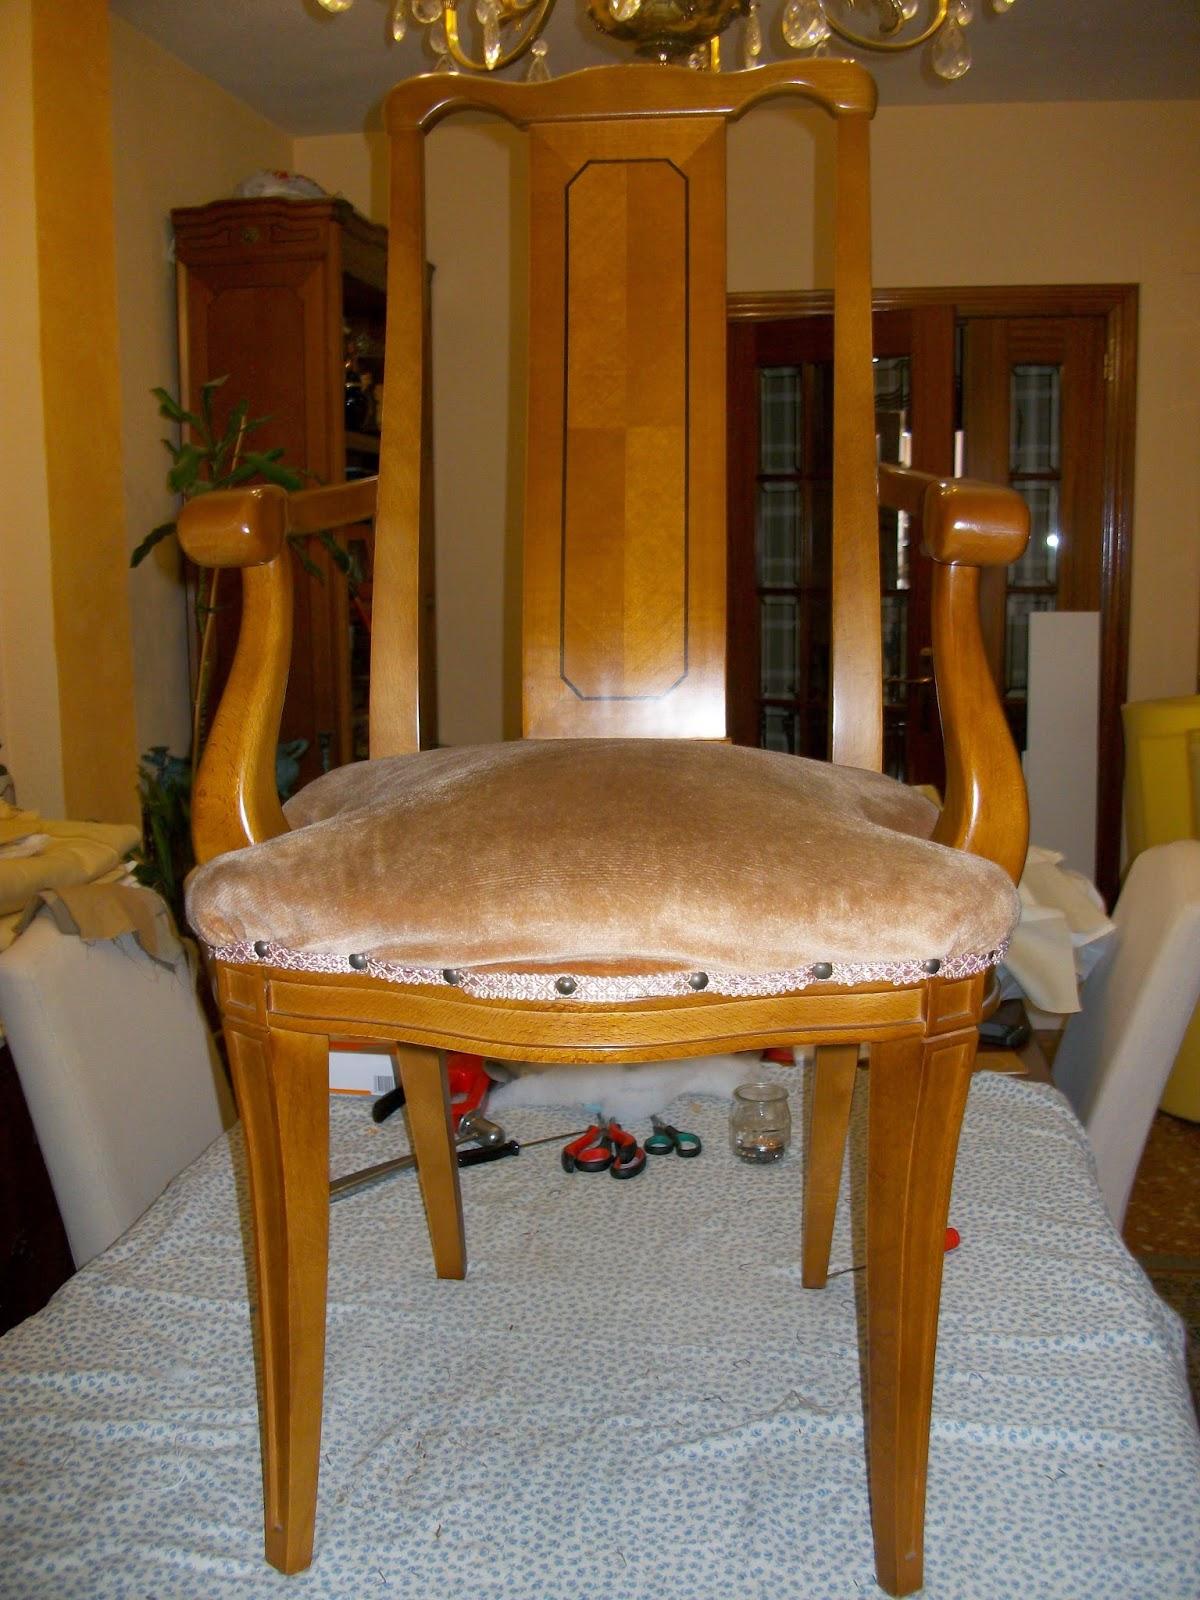 El blog de la restauradora tapizado de dos sillas de comedor con brazos - Sillas de comedor con brazos ...